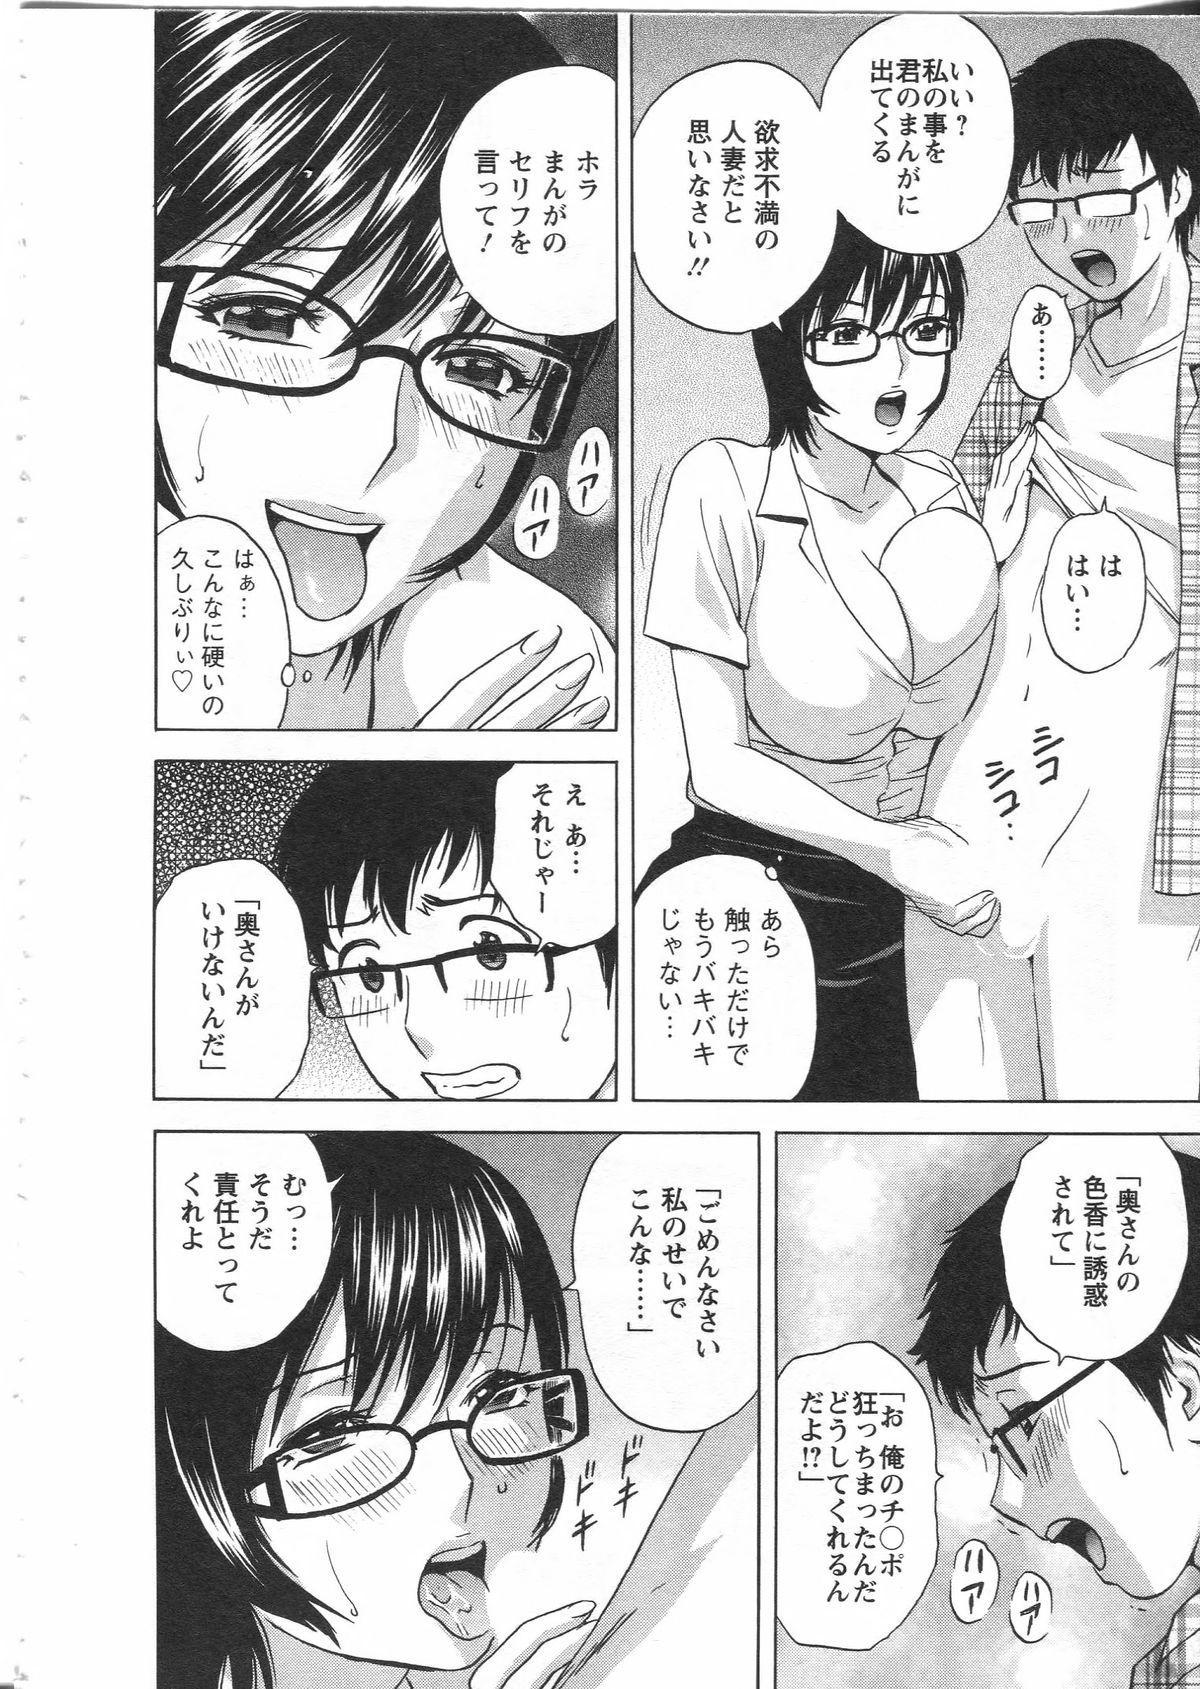 Manga no youna Hitozuma to no Hibi - Days with Married Women such as Comics. 105